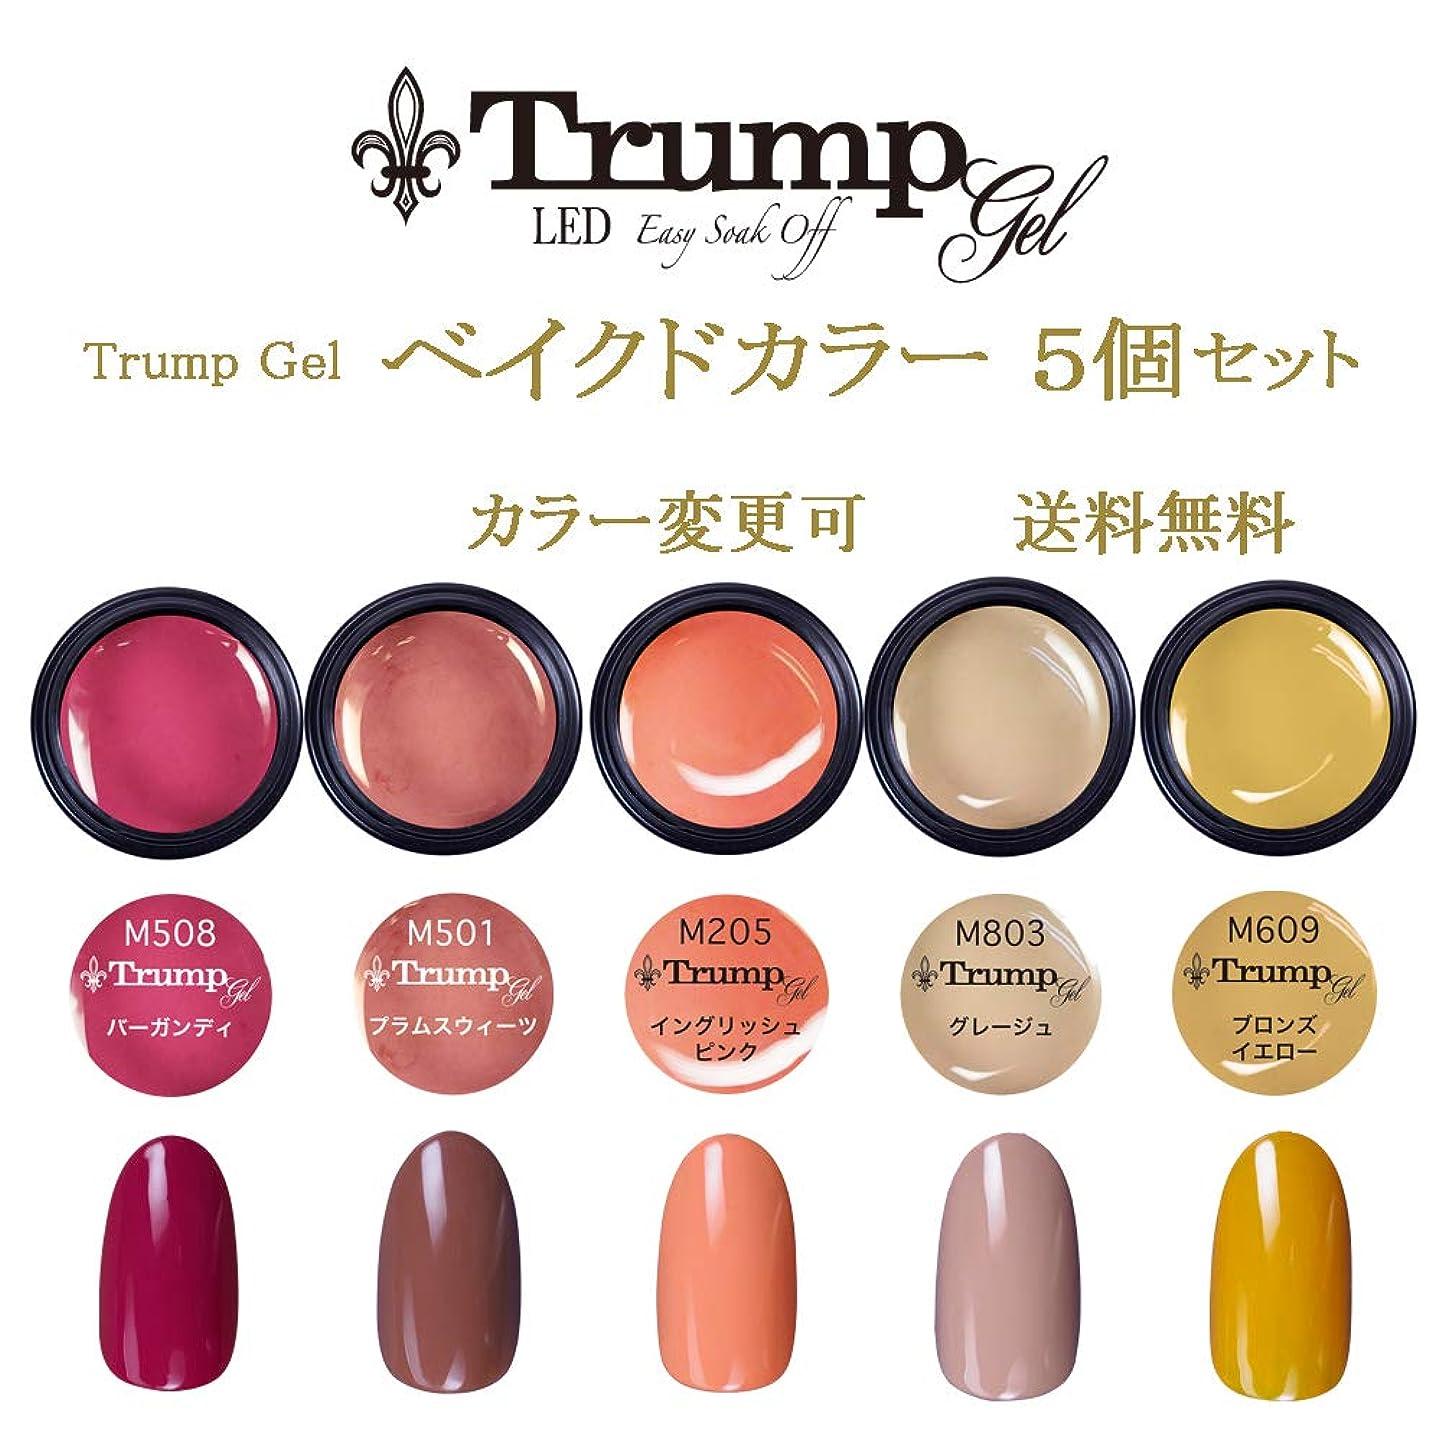 白鳥キノコ環境保護主義者【送料無料】日本製 Trump gel トランプジェル ベイクドカラー 選べる カラージェル 5個セット ミルキーネイル ベージュ オレンジ カラー